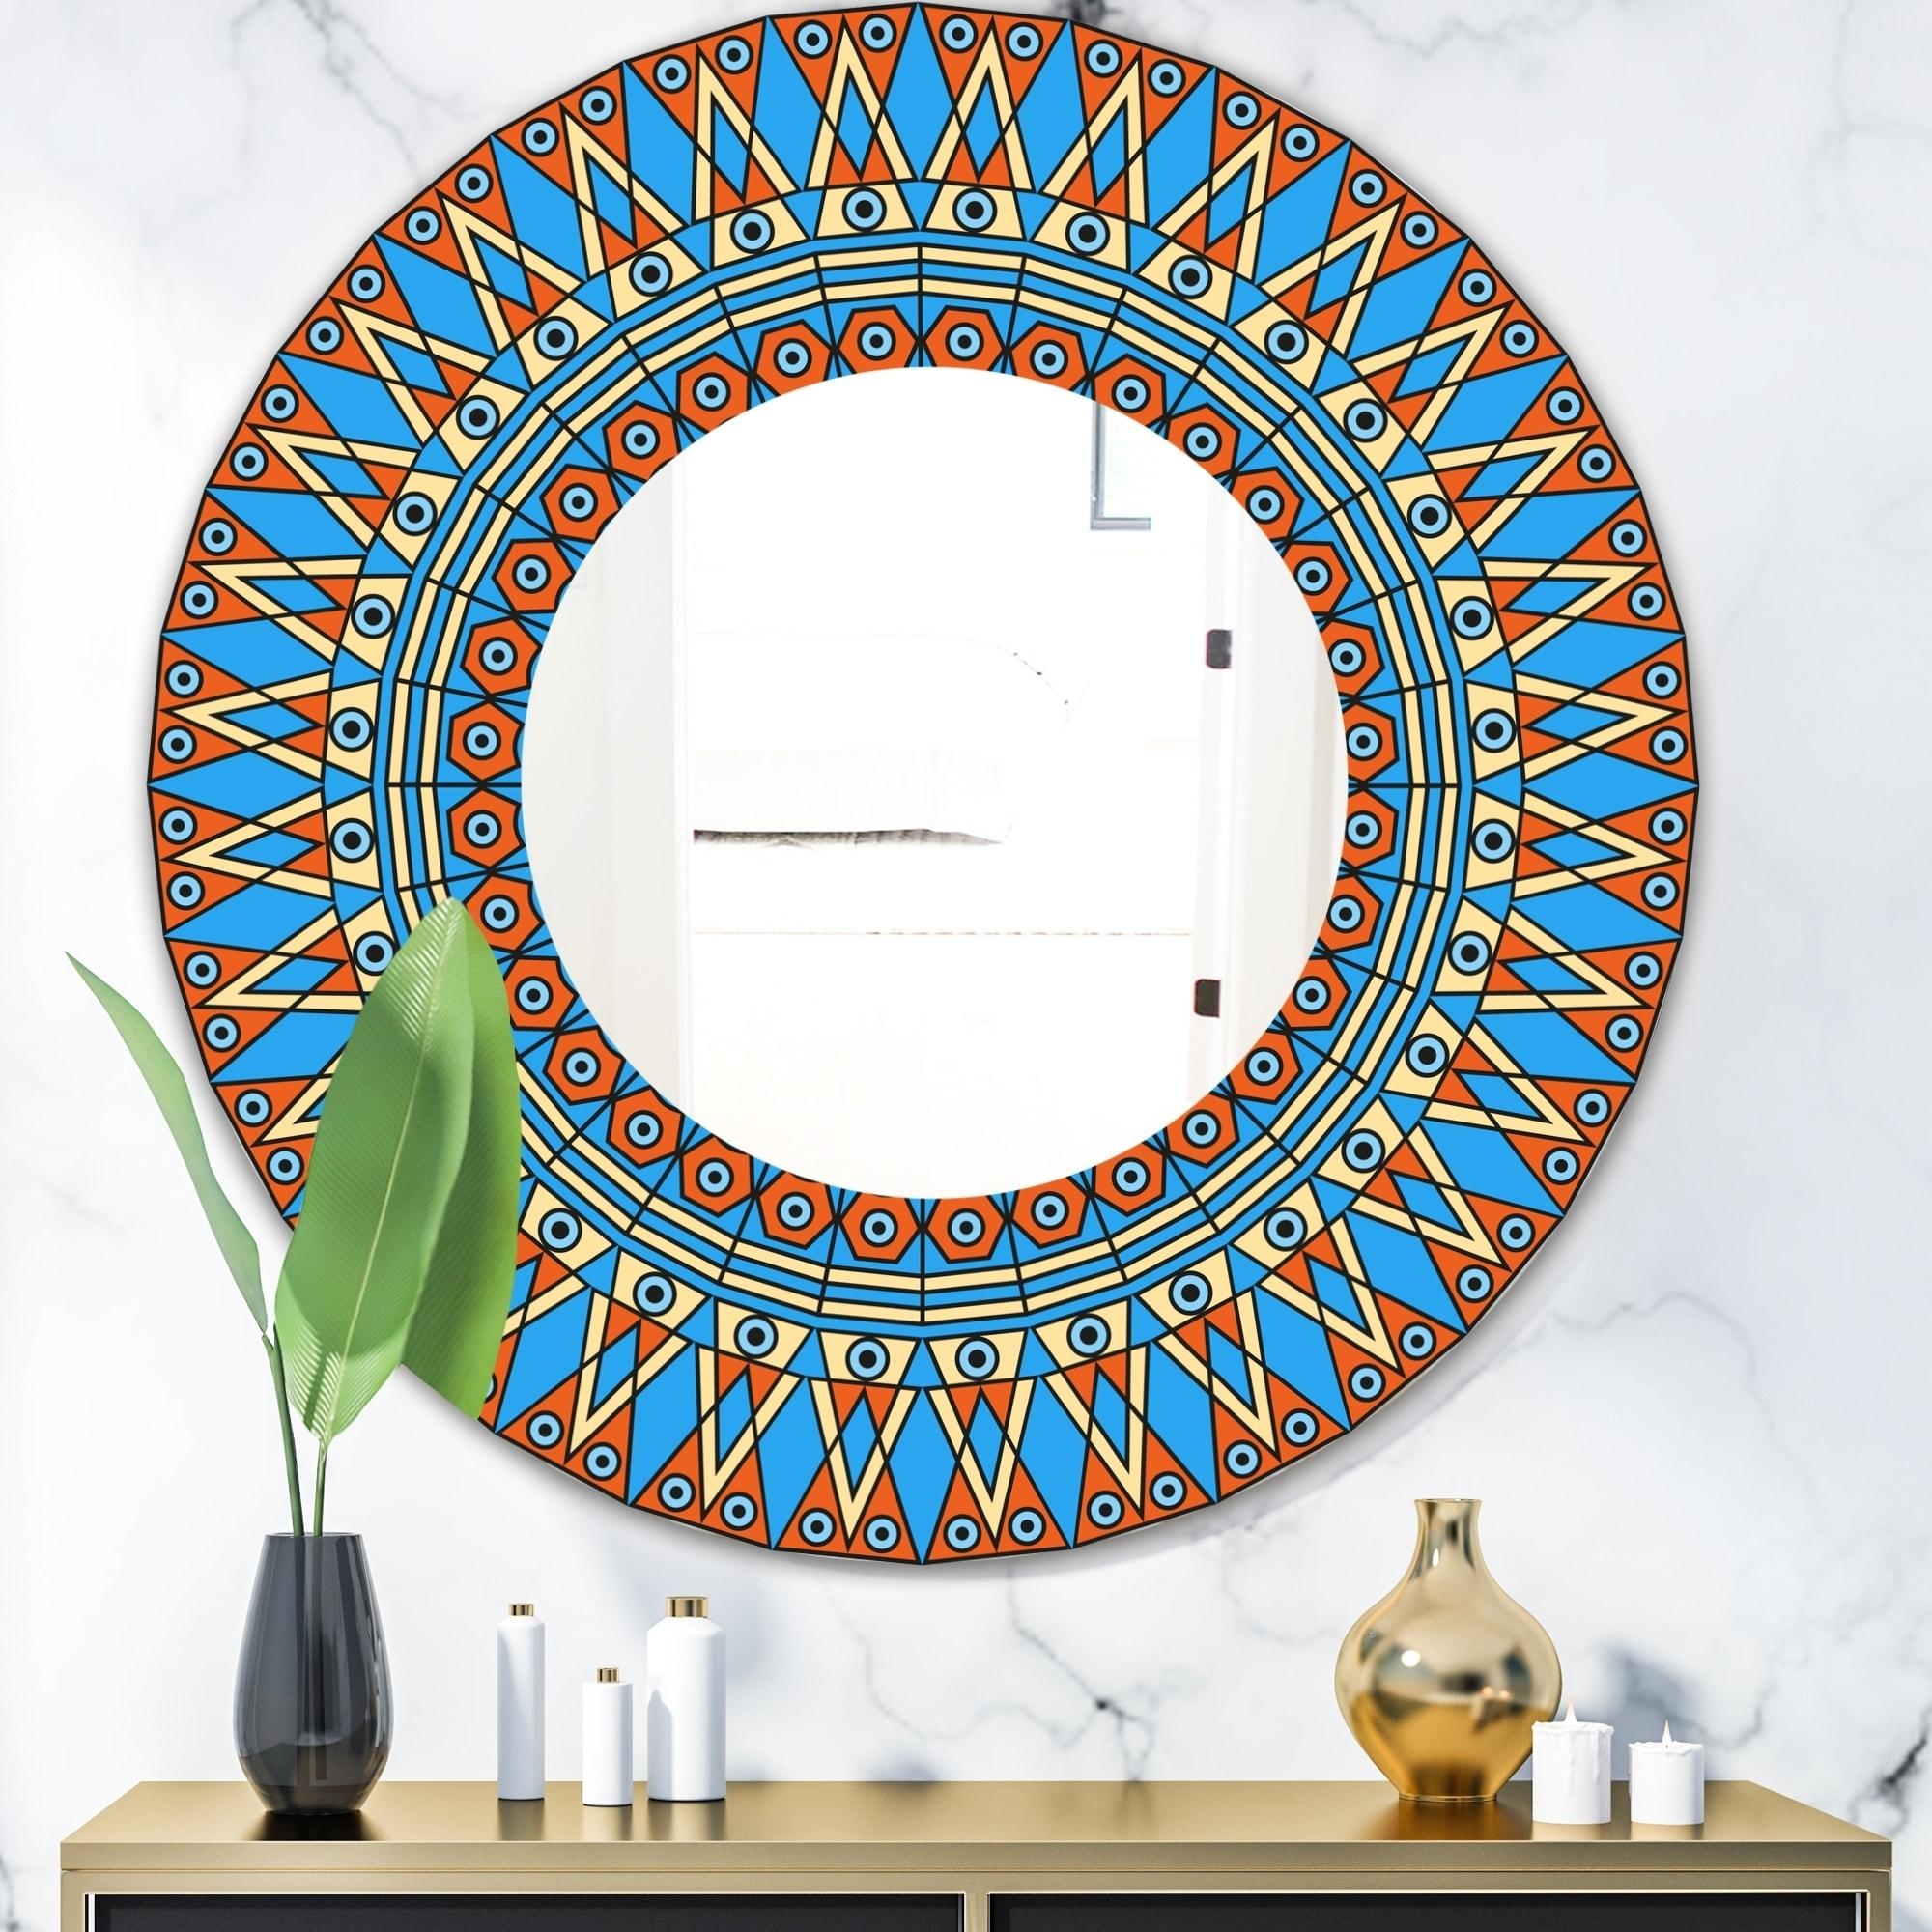 Designart Orange and Blue Pattern Mid-Century Mirror - Oval or Round Decorative Mirror (39.4 in. wide x 39.4 in. high - Round)